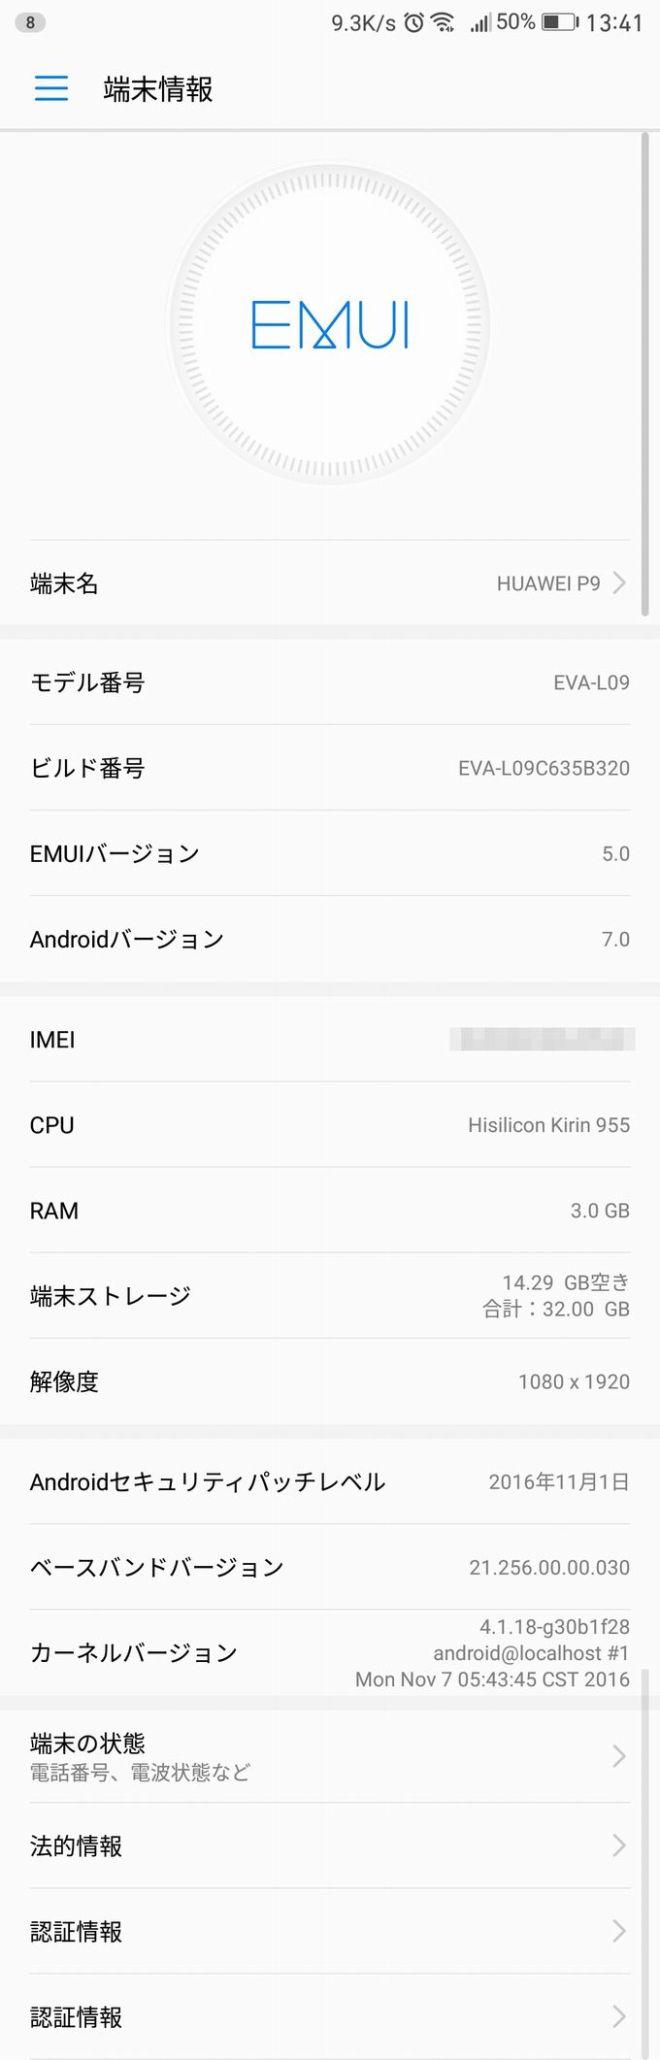 Android 7.0後のシステム情報